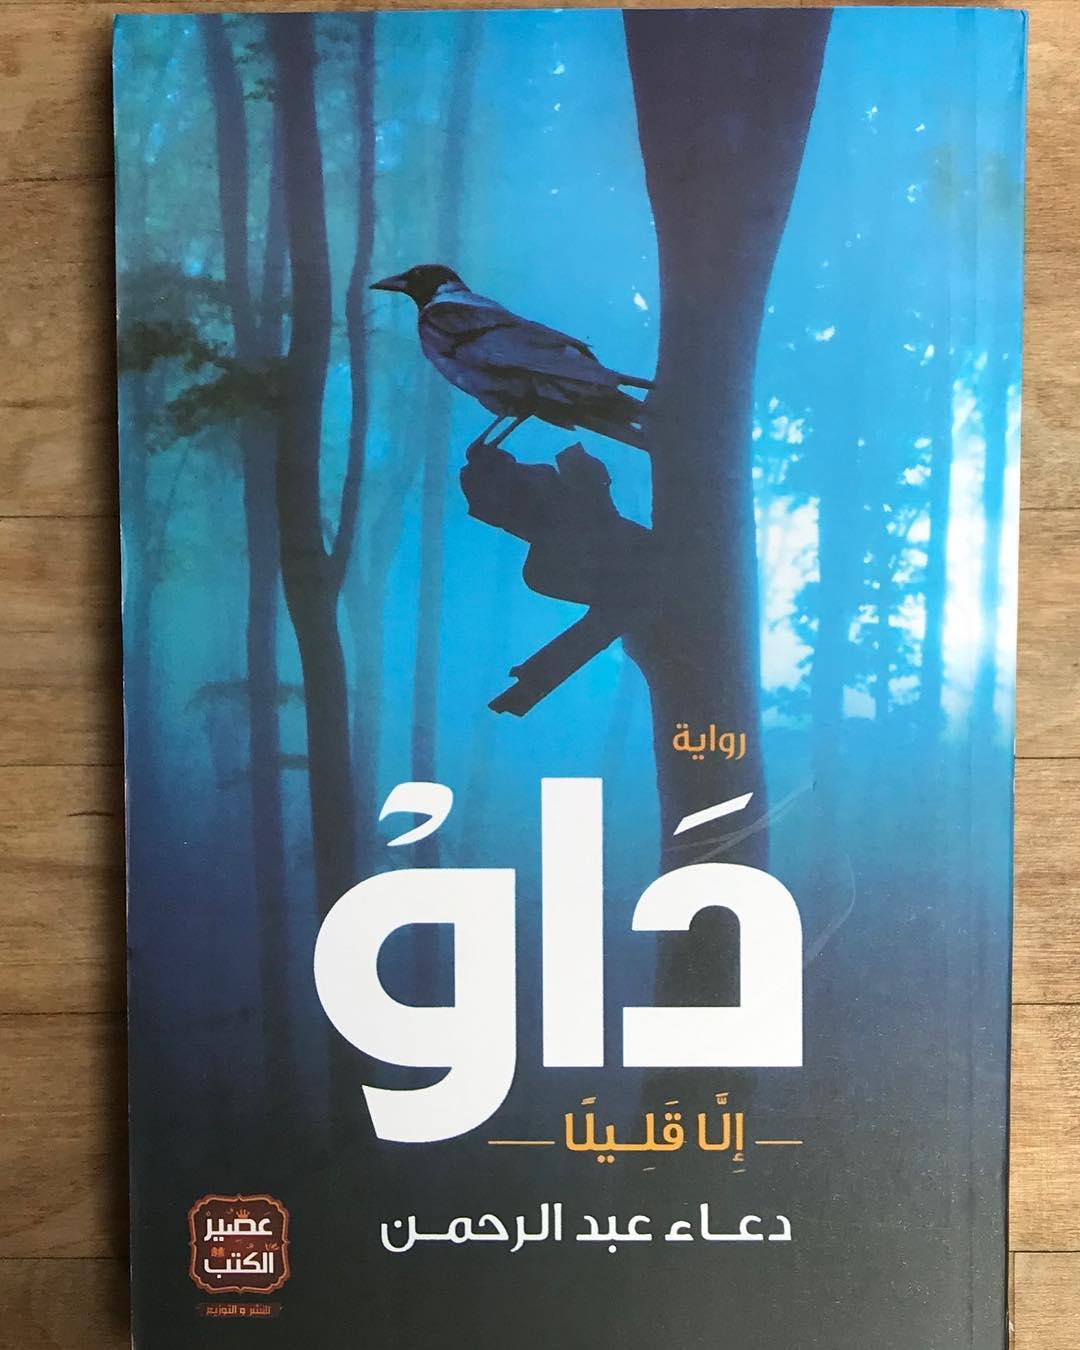 بالصور روايات دعاء عبد الرحمن , المؤلفه دعاء عبدالرحمن 156 11